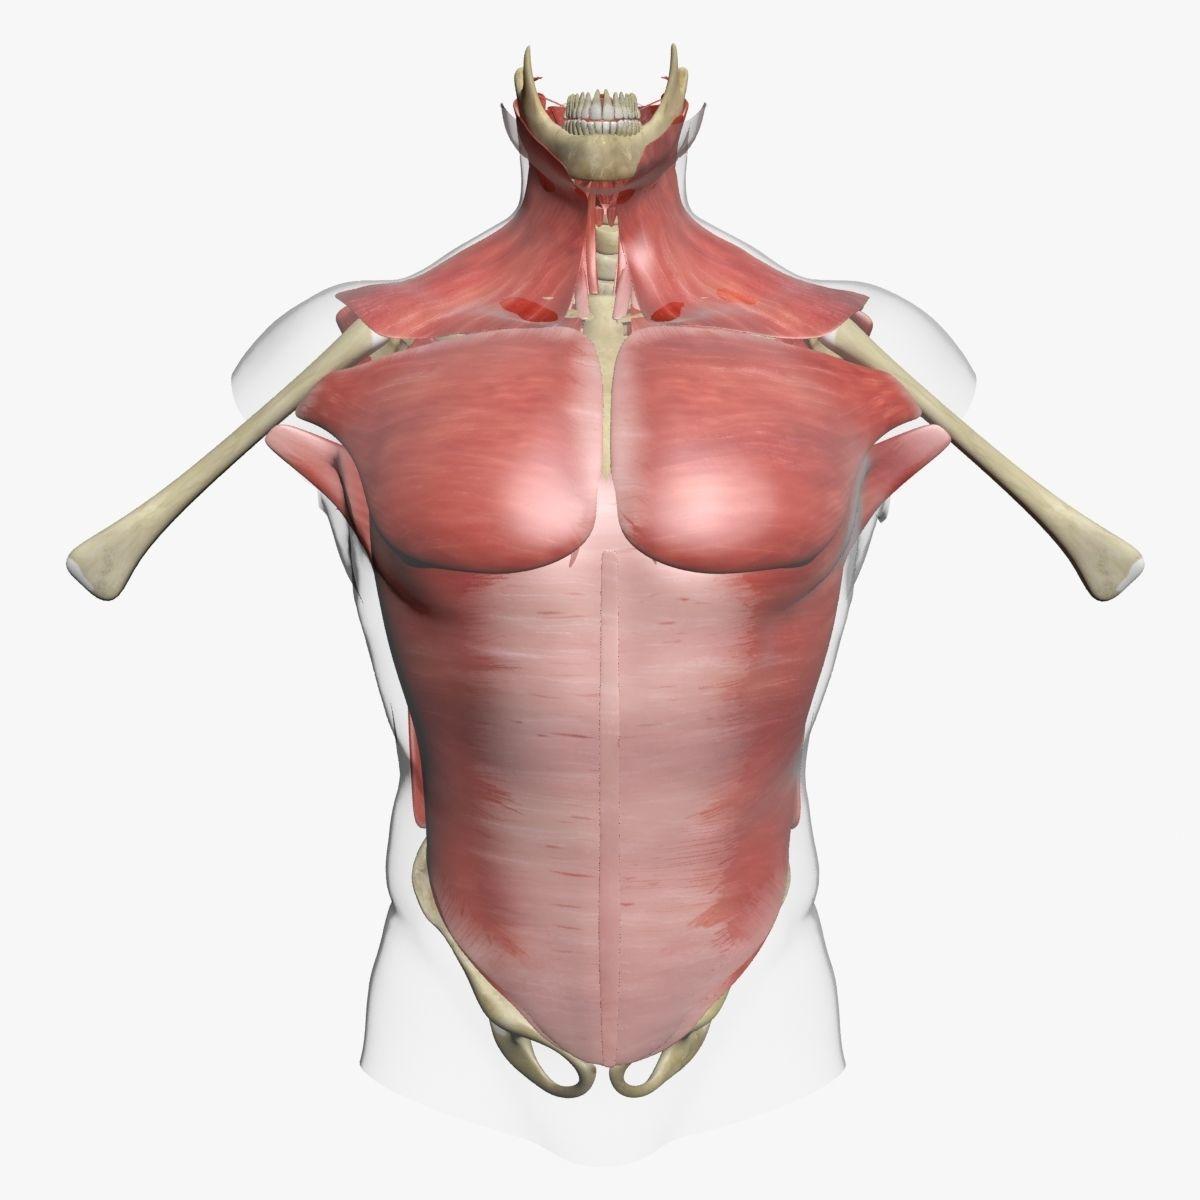 Human Torso Muscle Anatomy 3dsmax Cgtrader